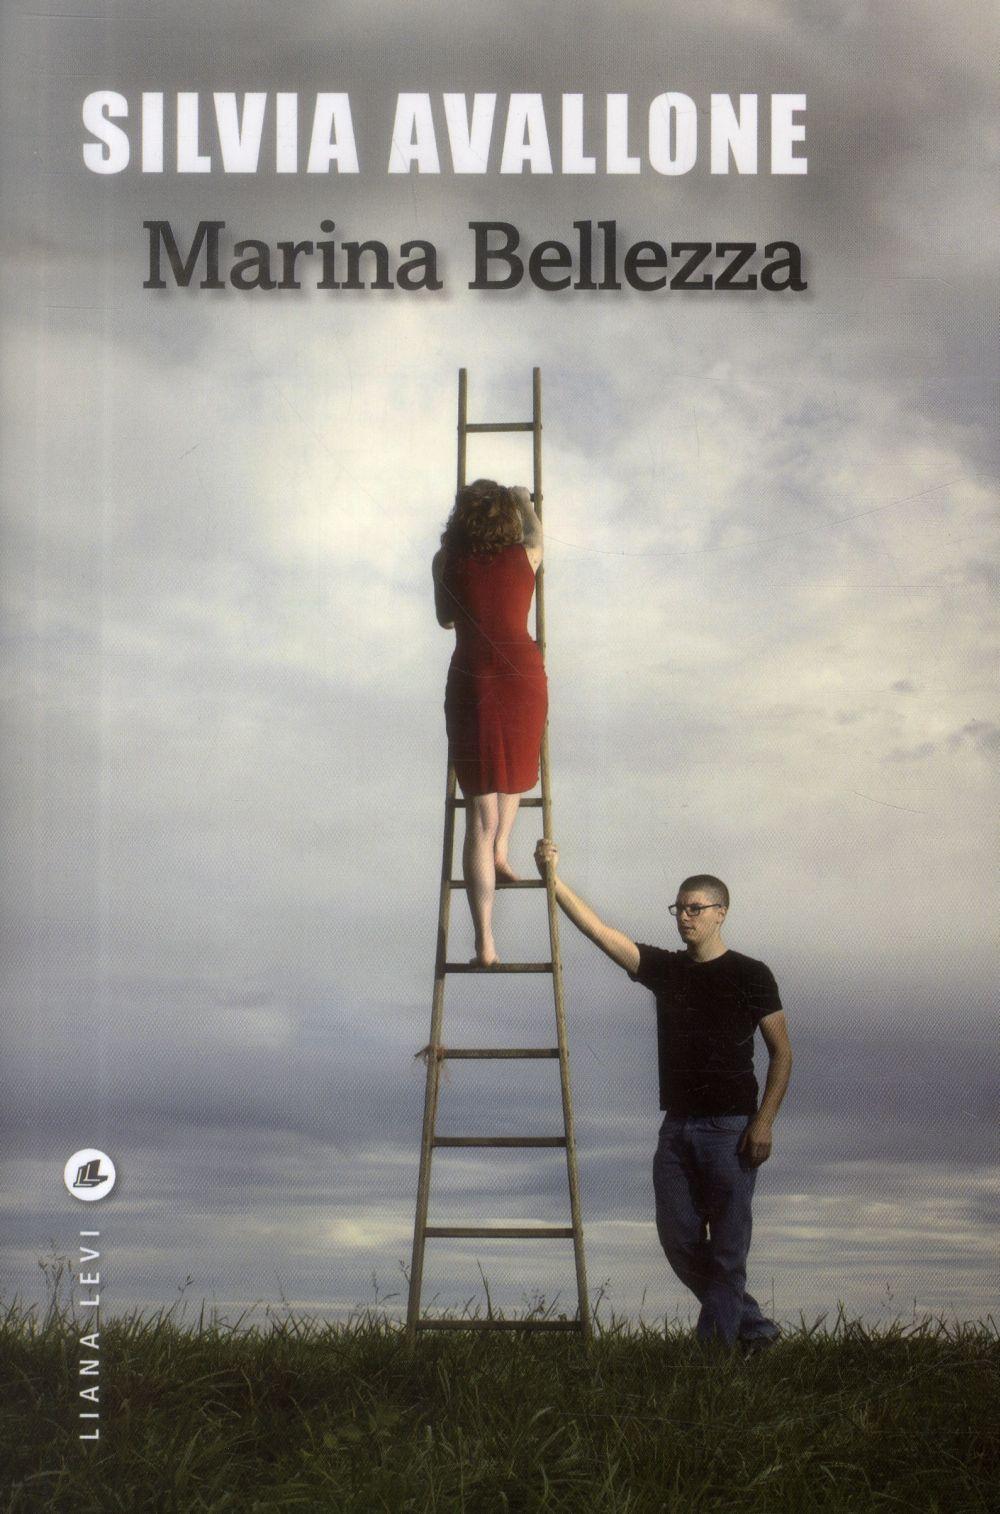 La riposte de Silvia Avallone pour Marina Bellezza aux Explorateurs